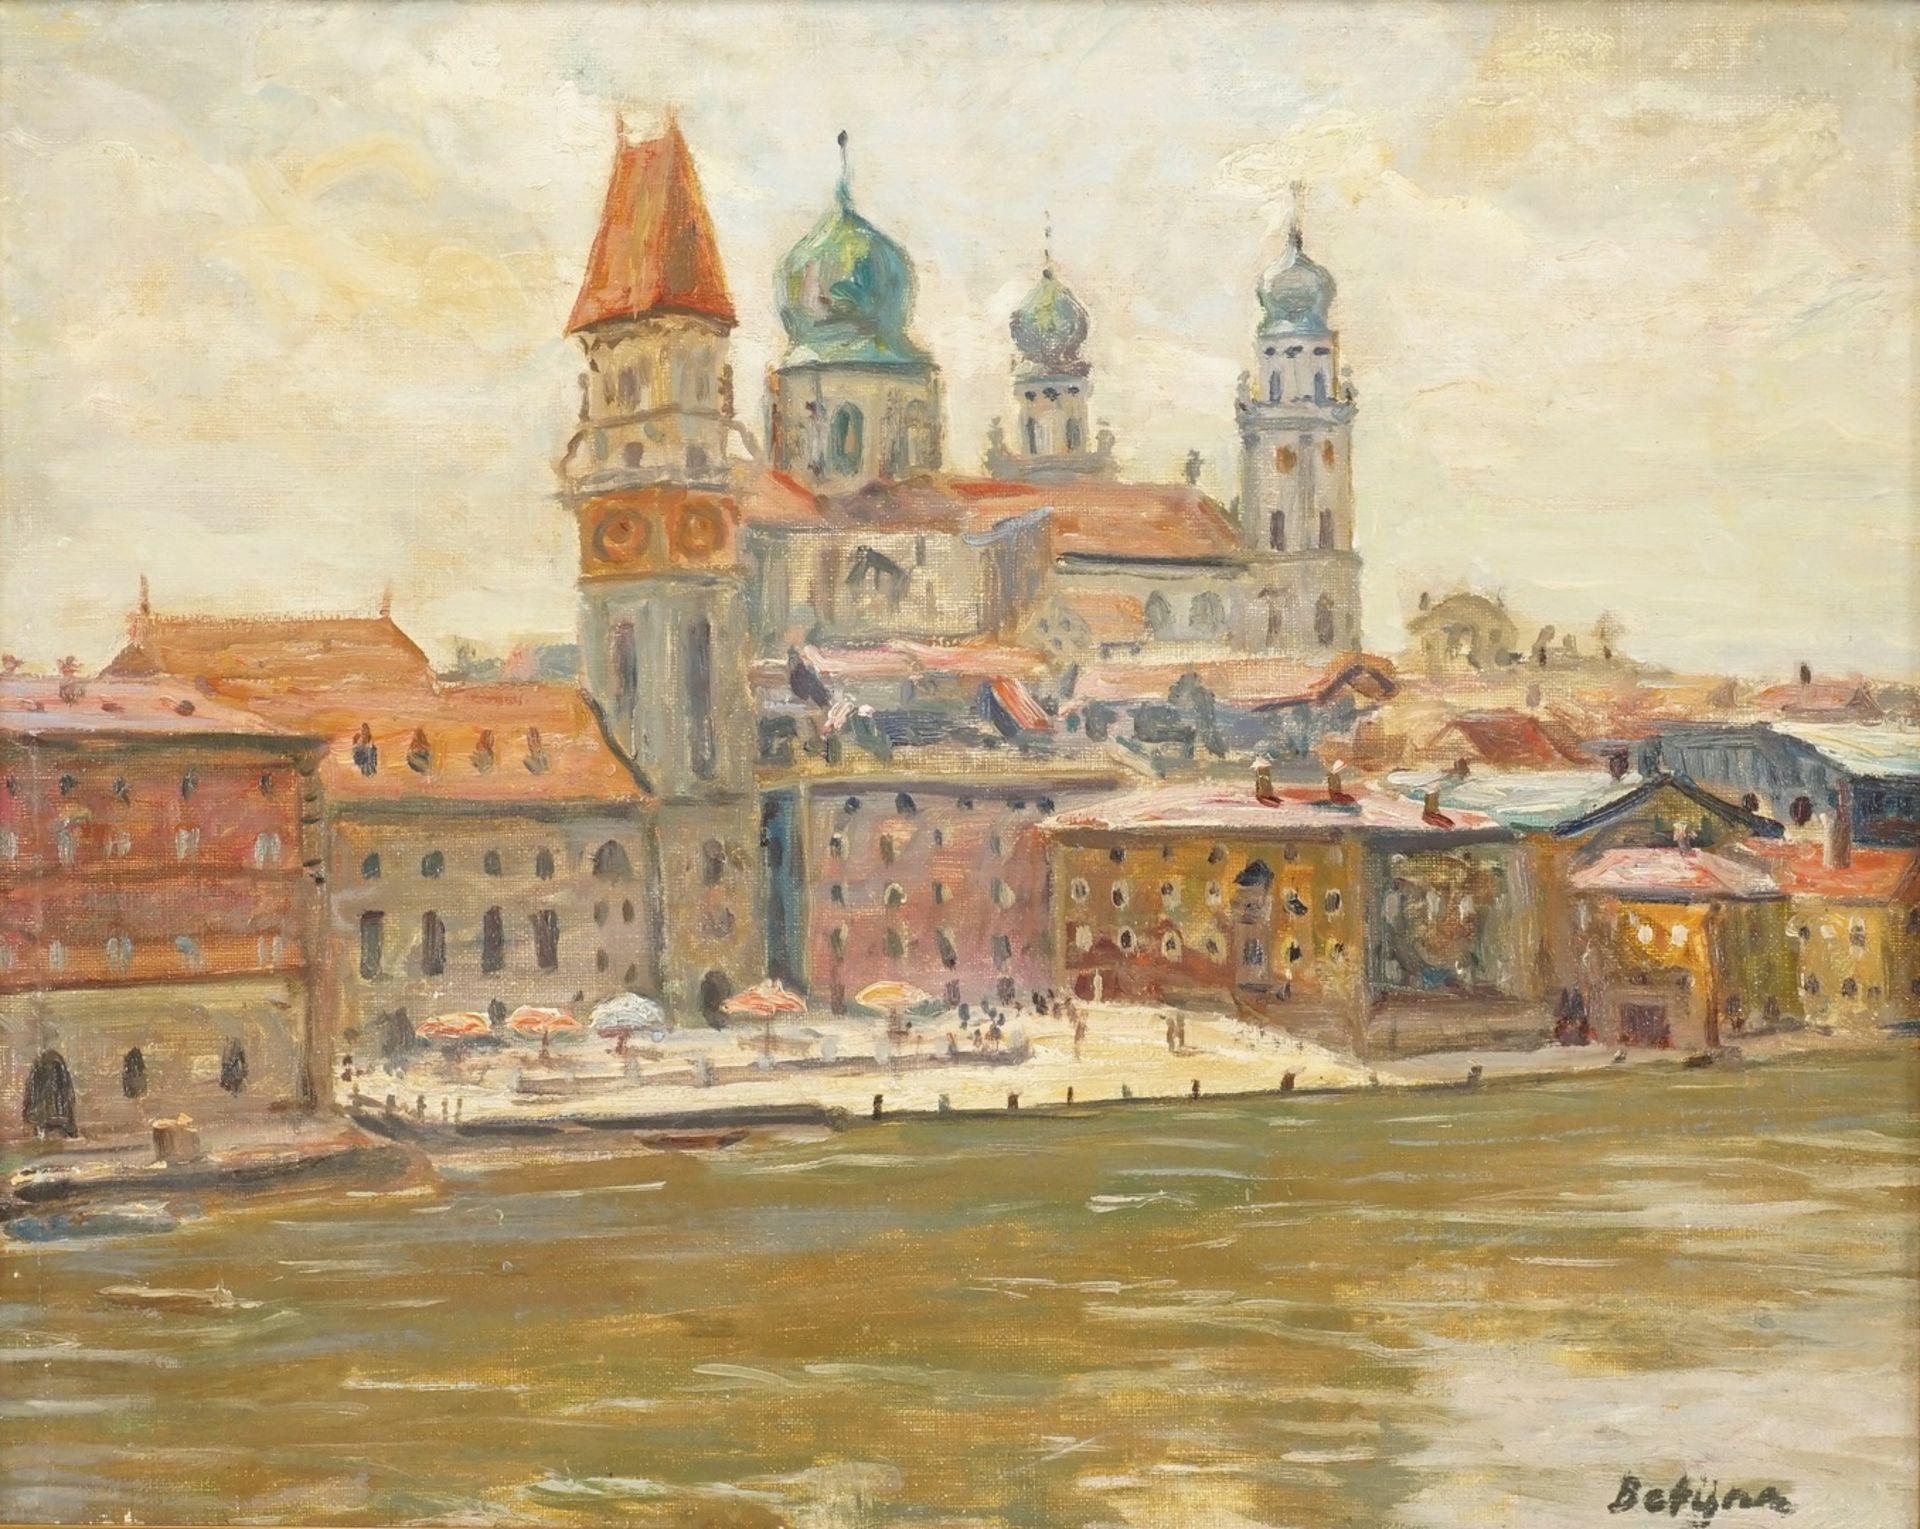 Paul Betyna, Teilansicht von Passau mit dem Dom